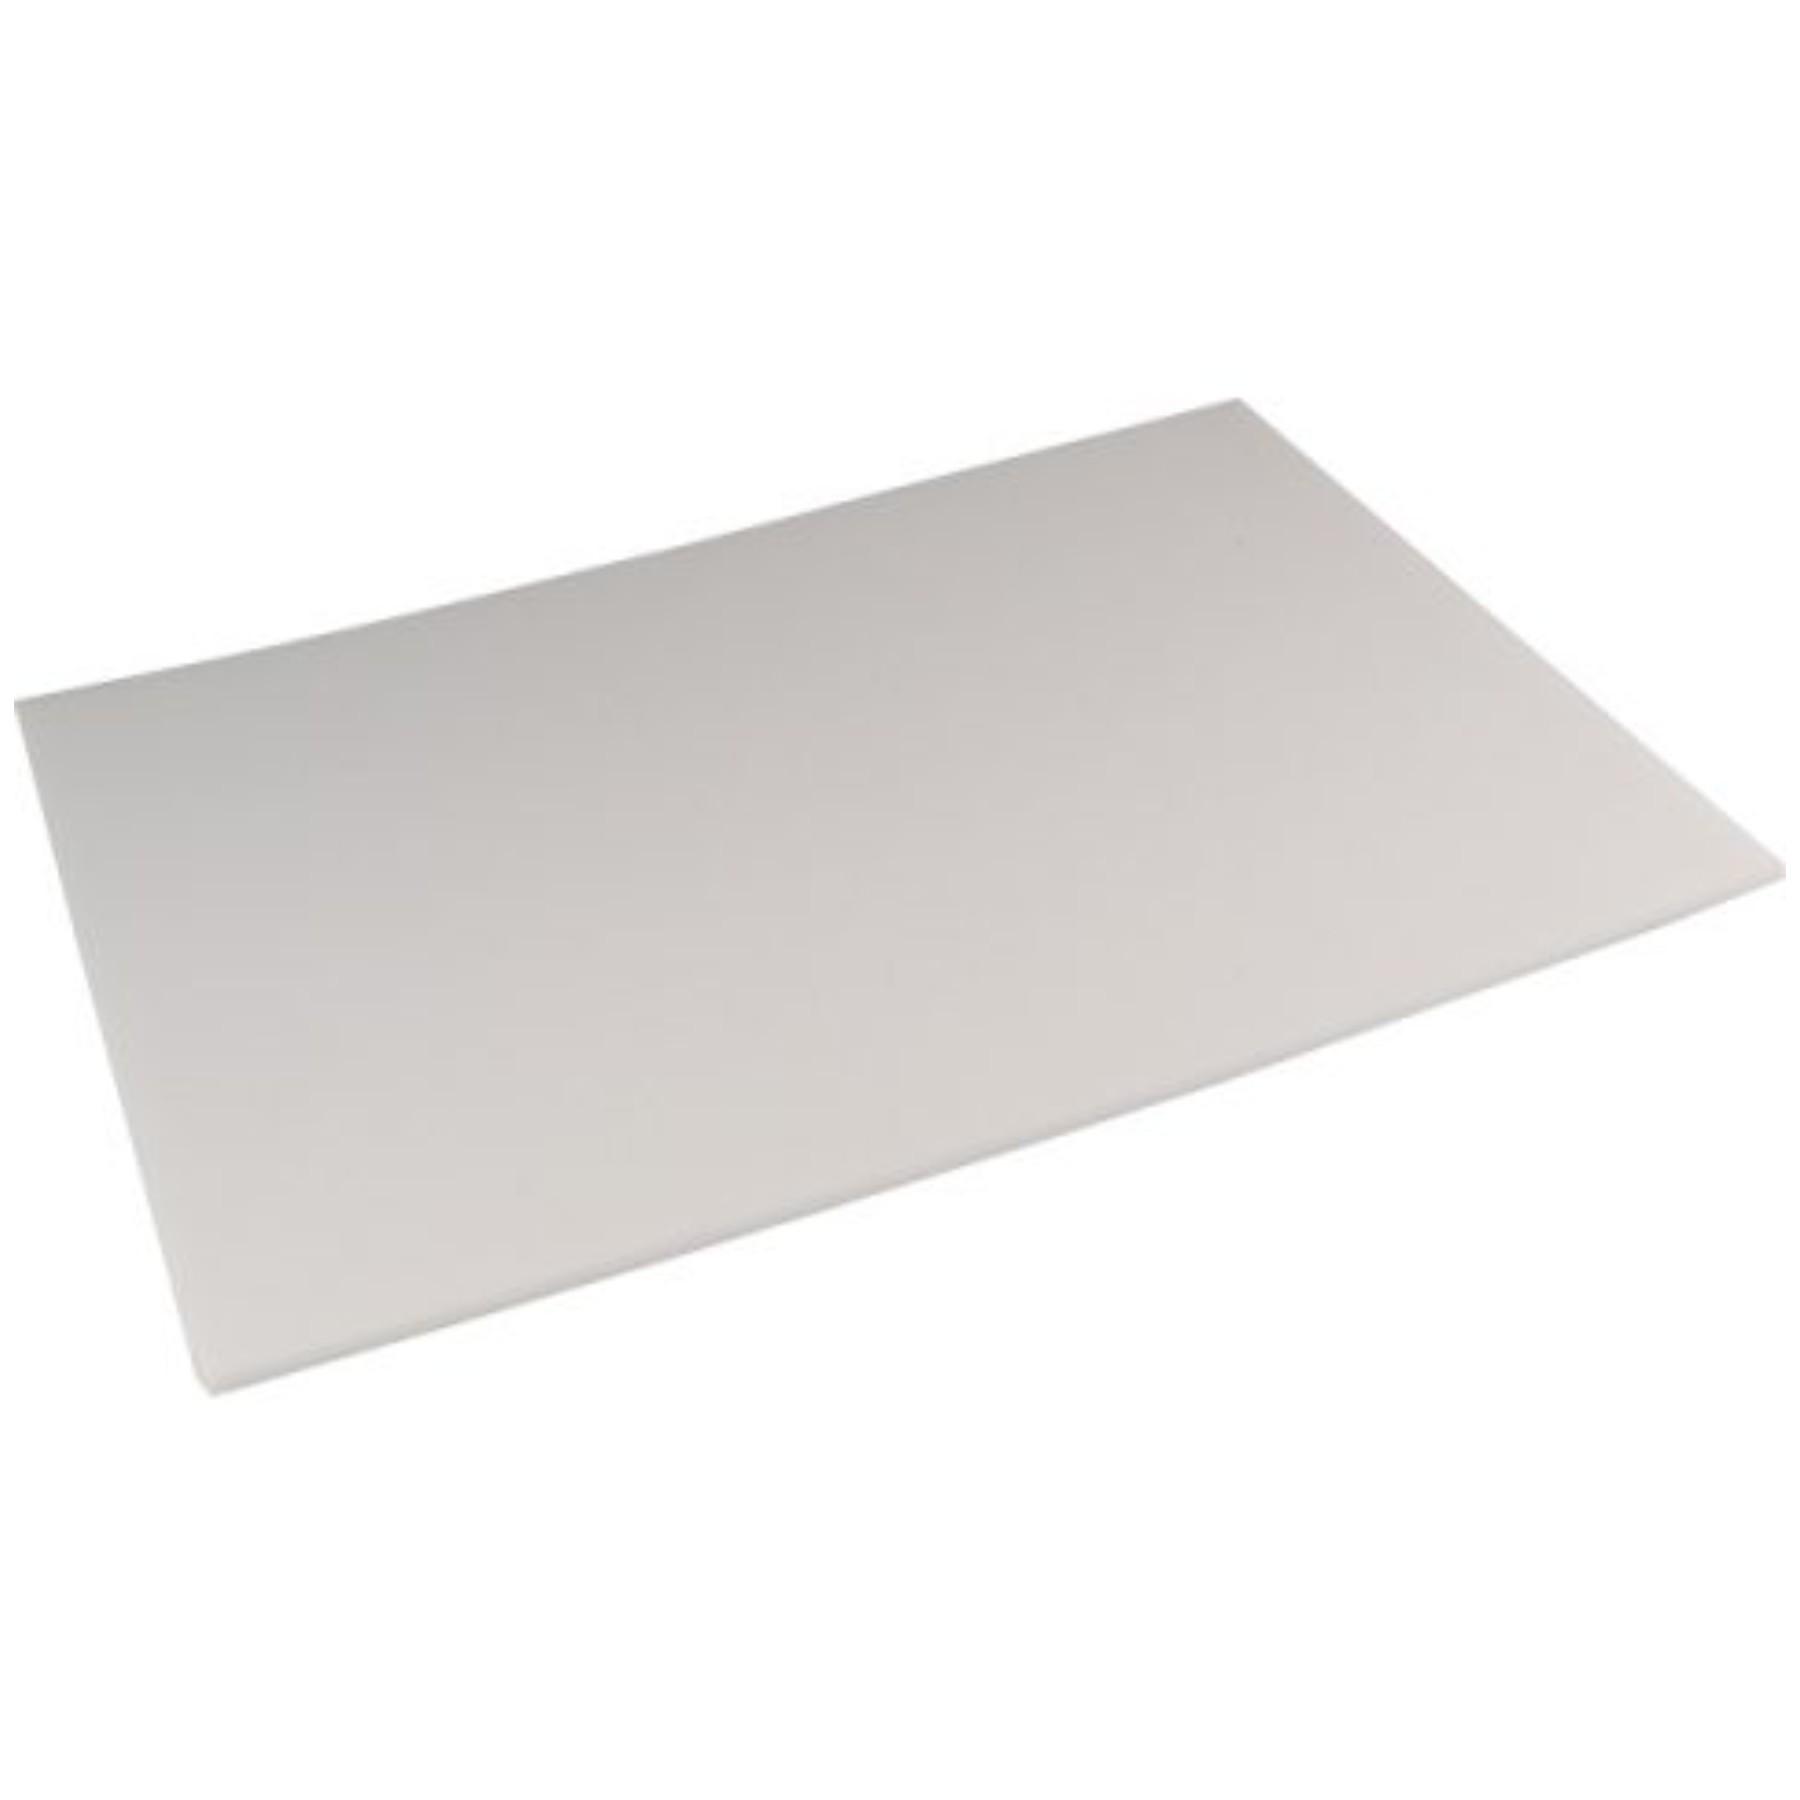 Almohadilla de esponja de silicona A4, 1 unidad